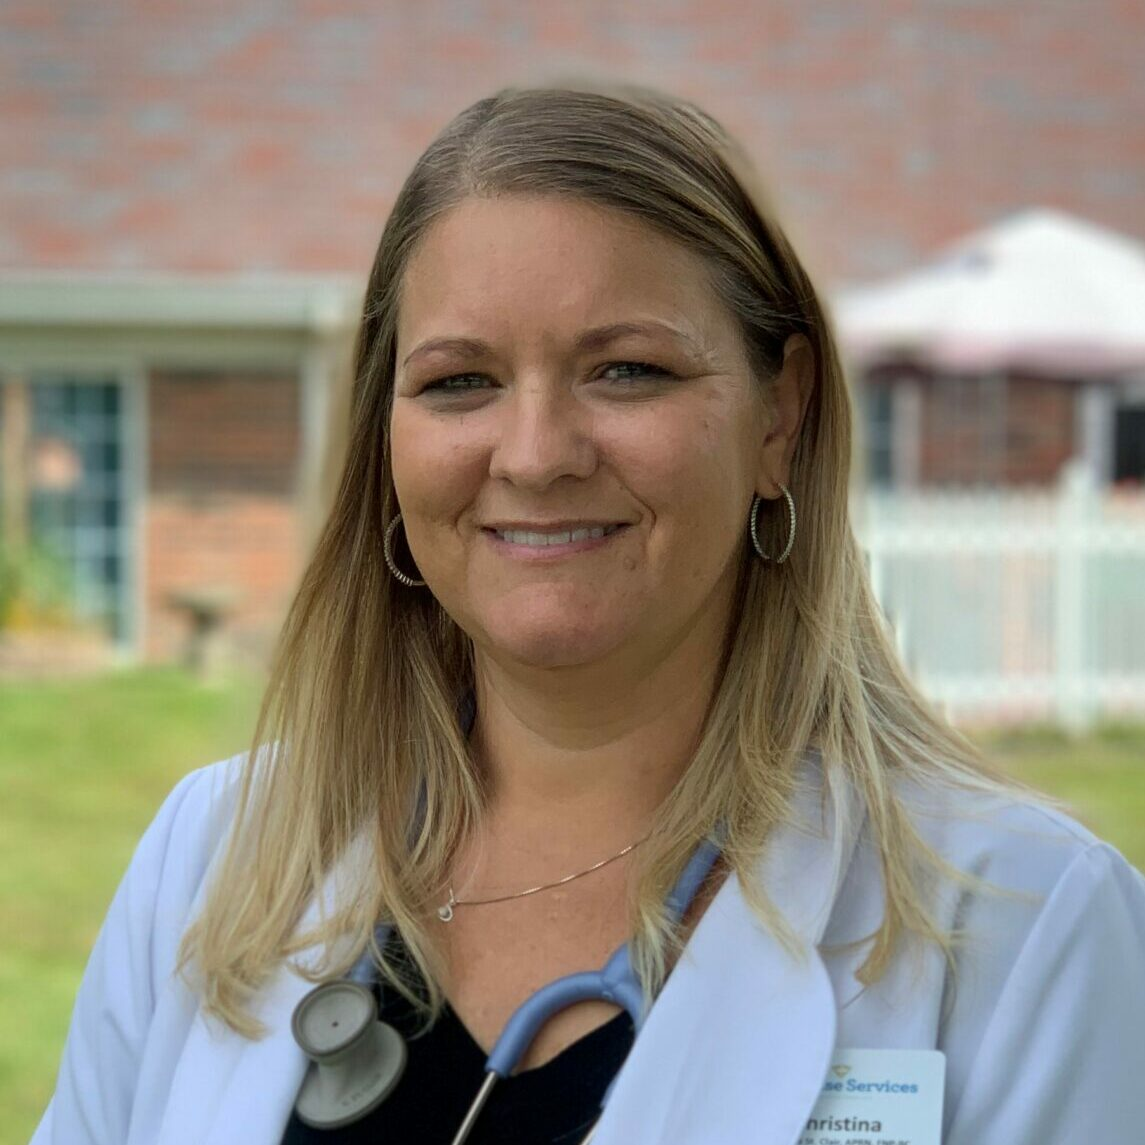 Headshot of Christina, Stonerise Family Nurse Practitioner